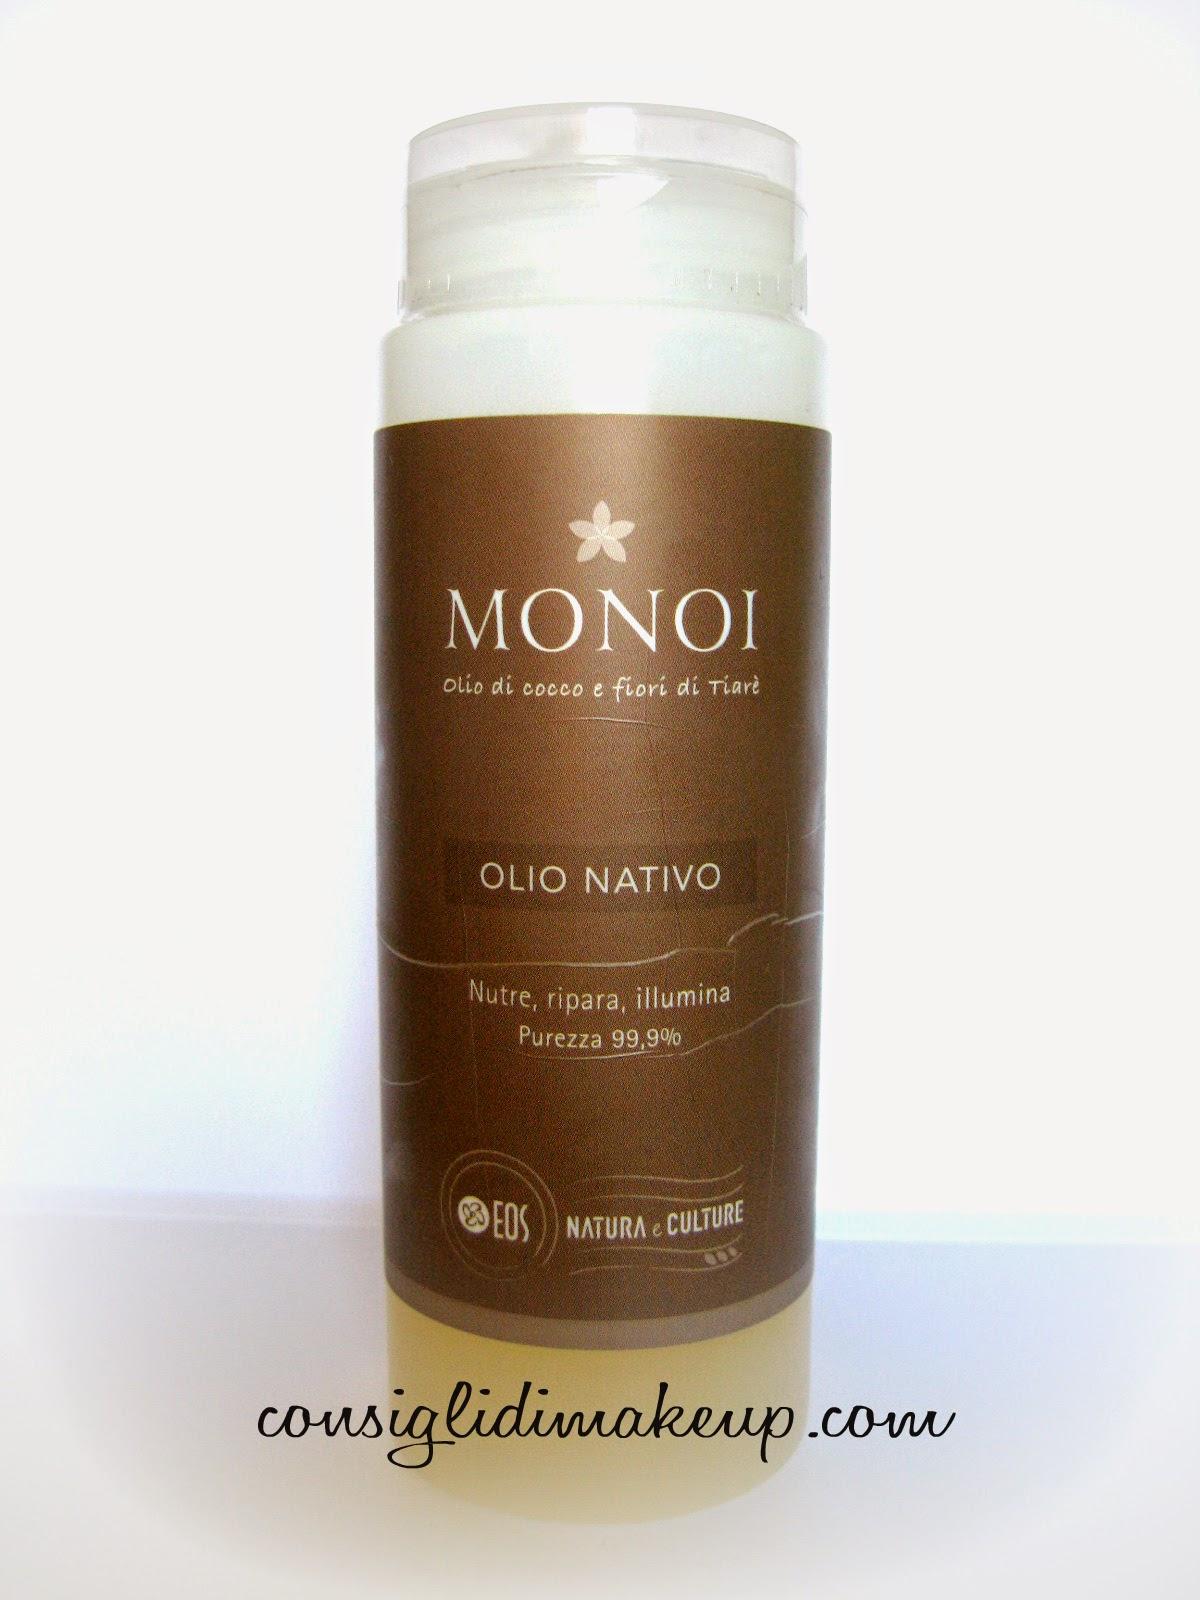 Review: Olio Nativo al Monoi - EOS Natura